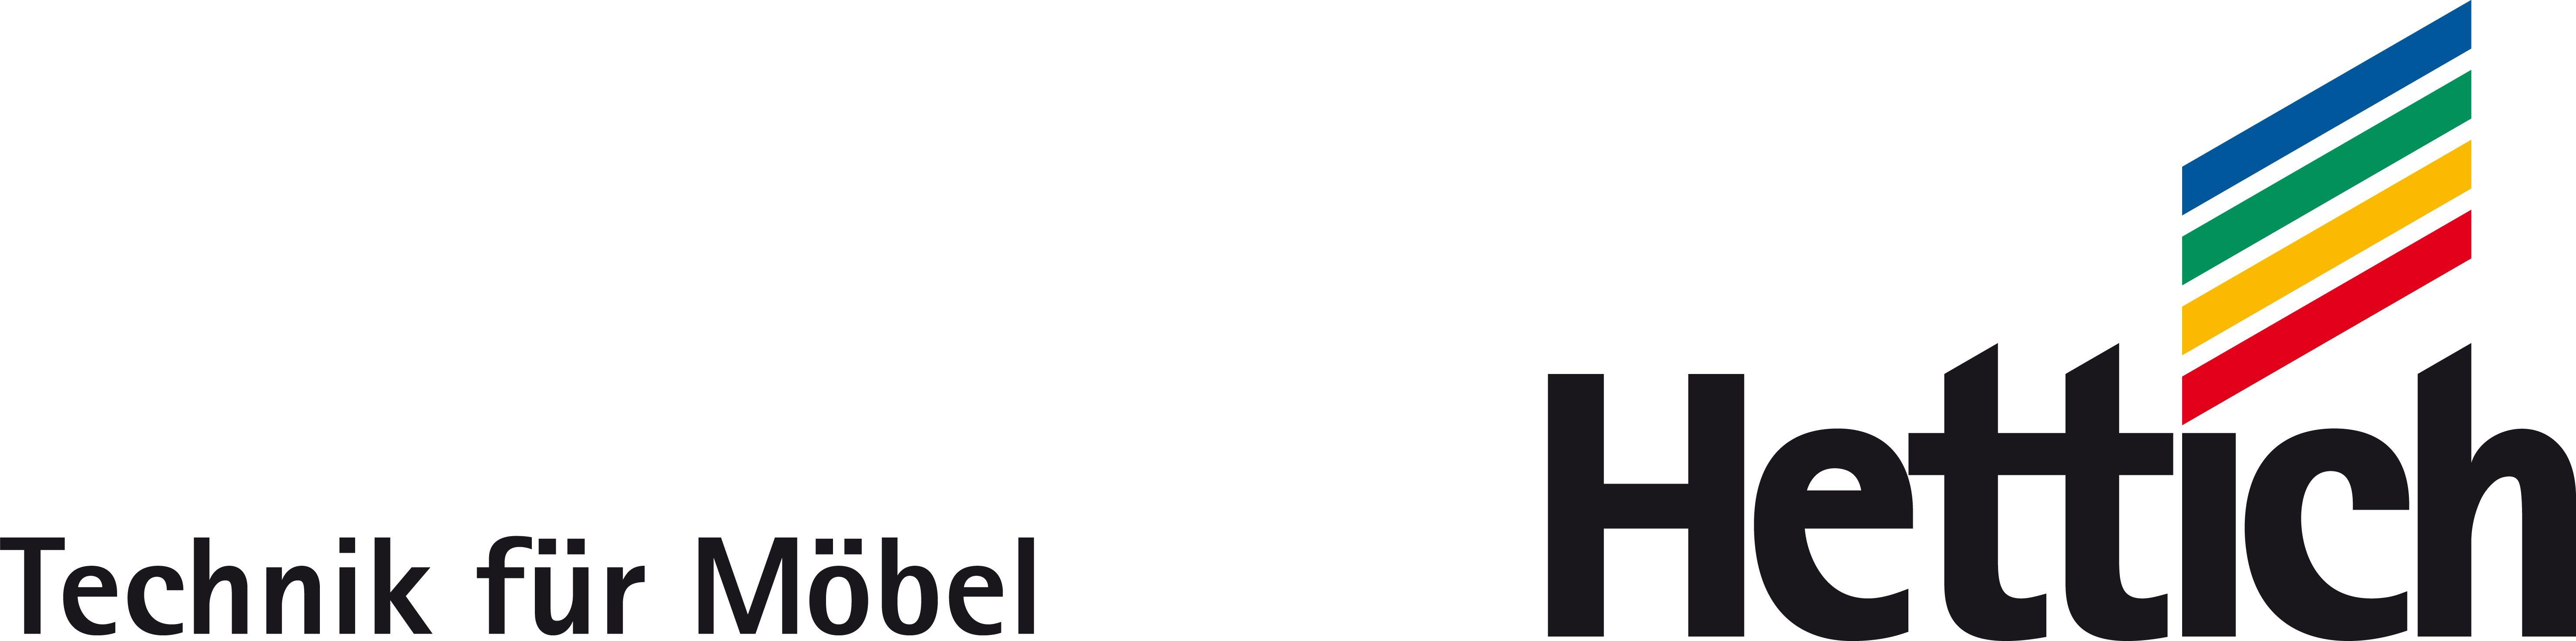 Hettich logo Logos, Tech company logos